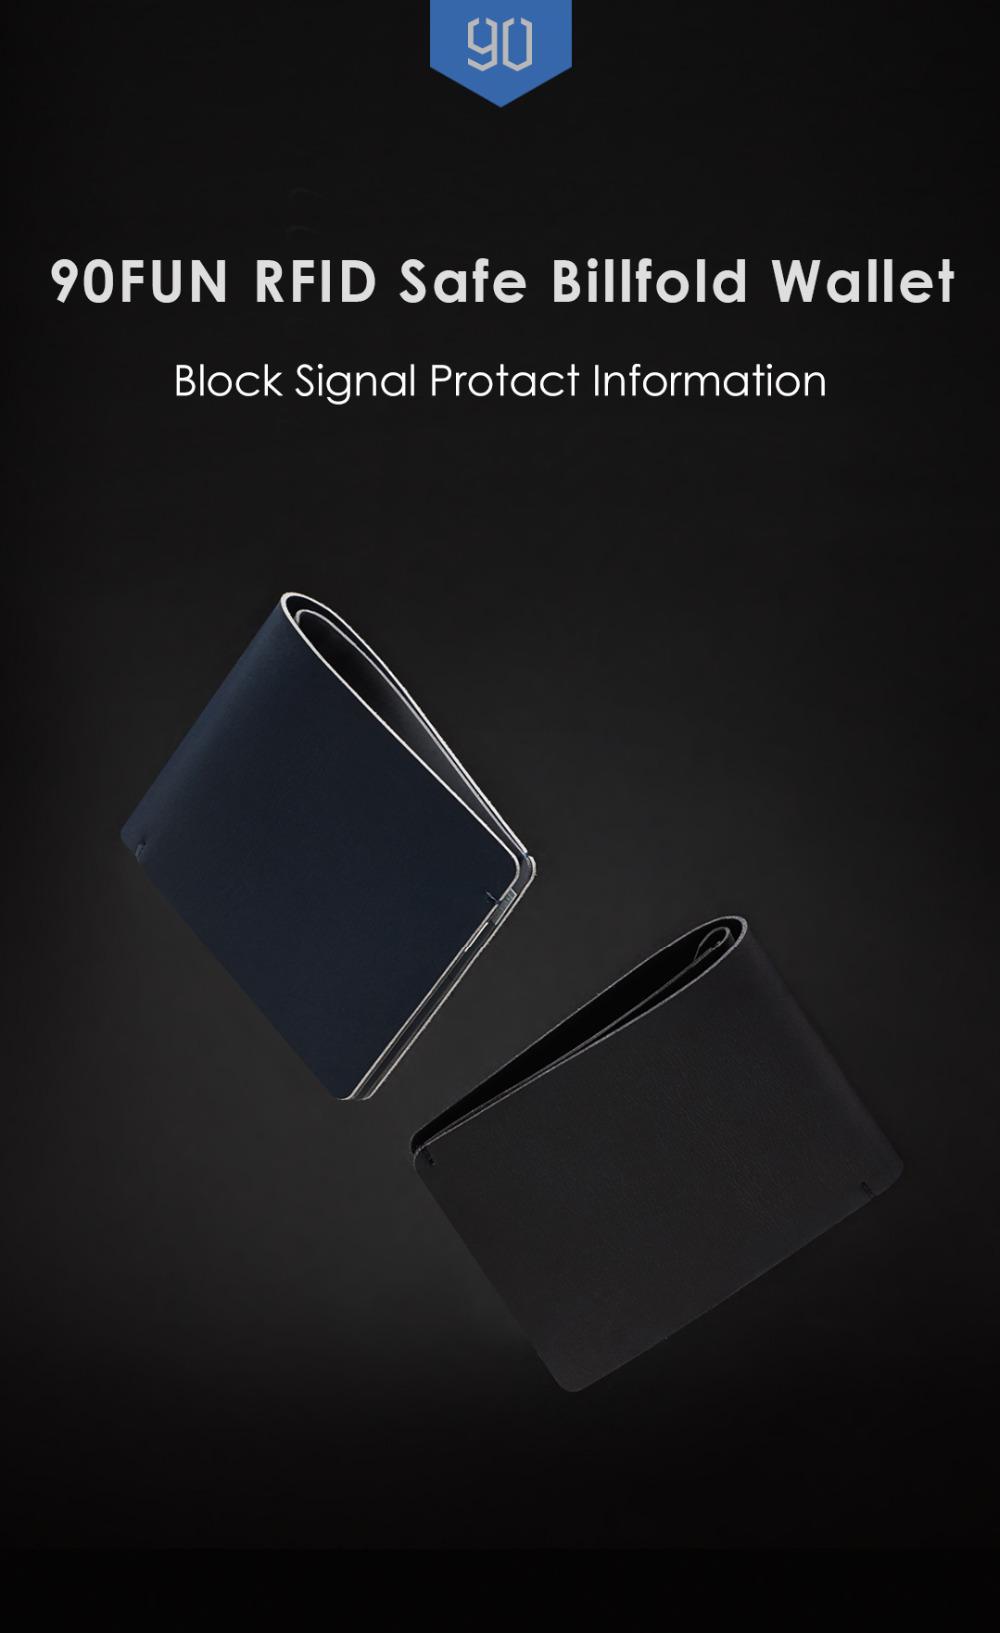 Xiaomi в 90FUN анти-кражи бумажник RFID преграждая сигнал Безопасный бумажник бумажник карта монета держатель мужчин женщин защитить кредитную карту